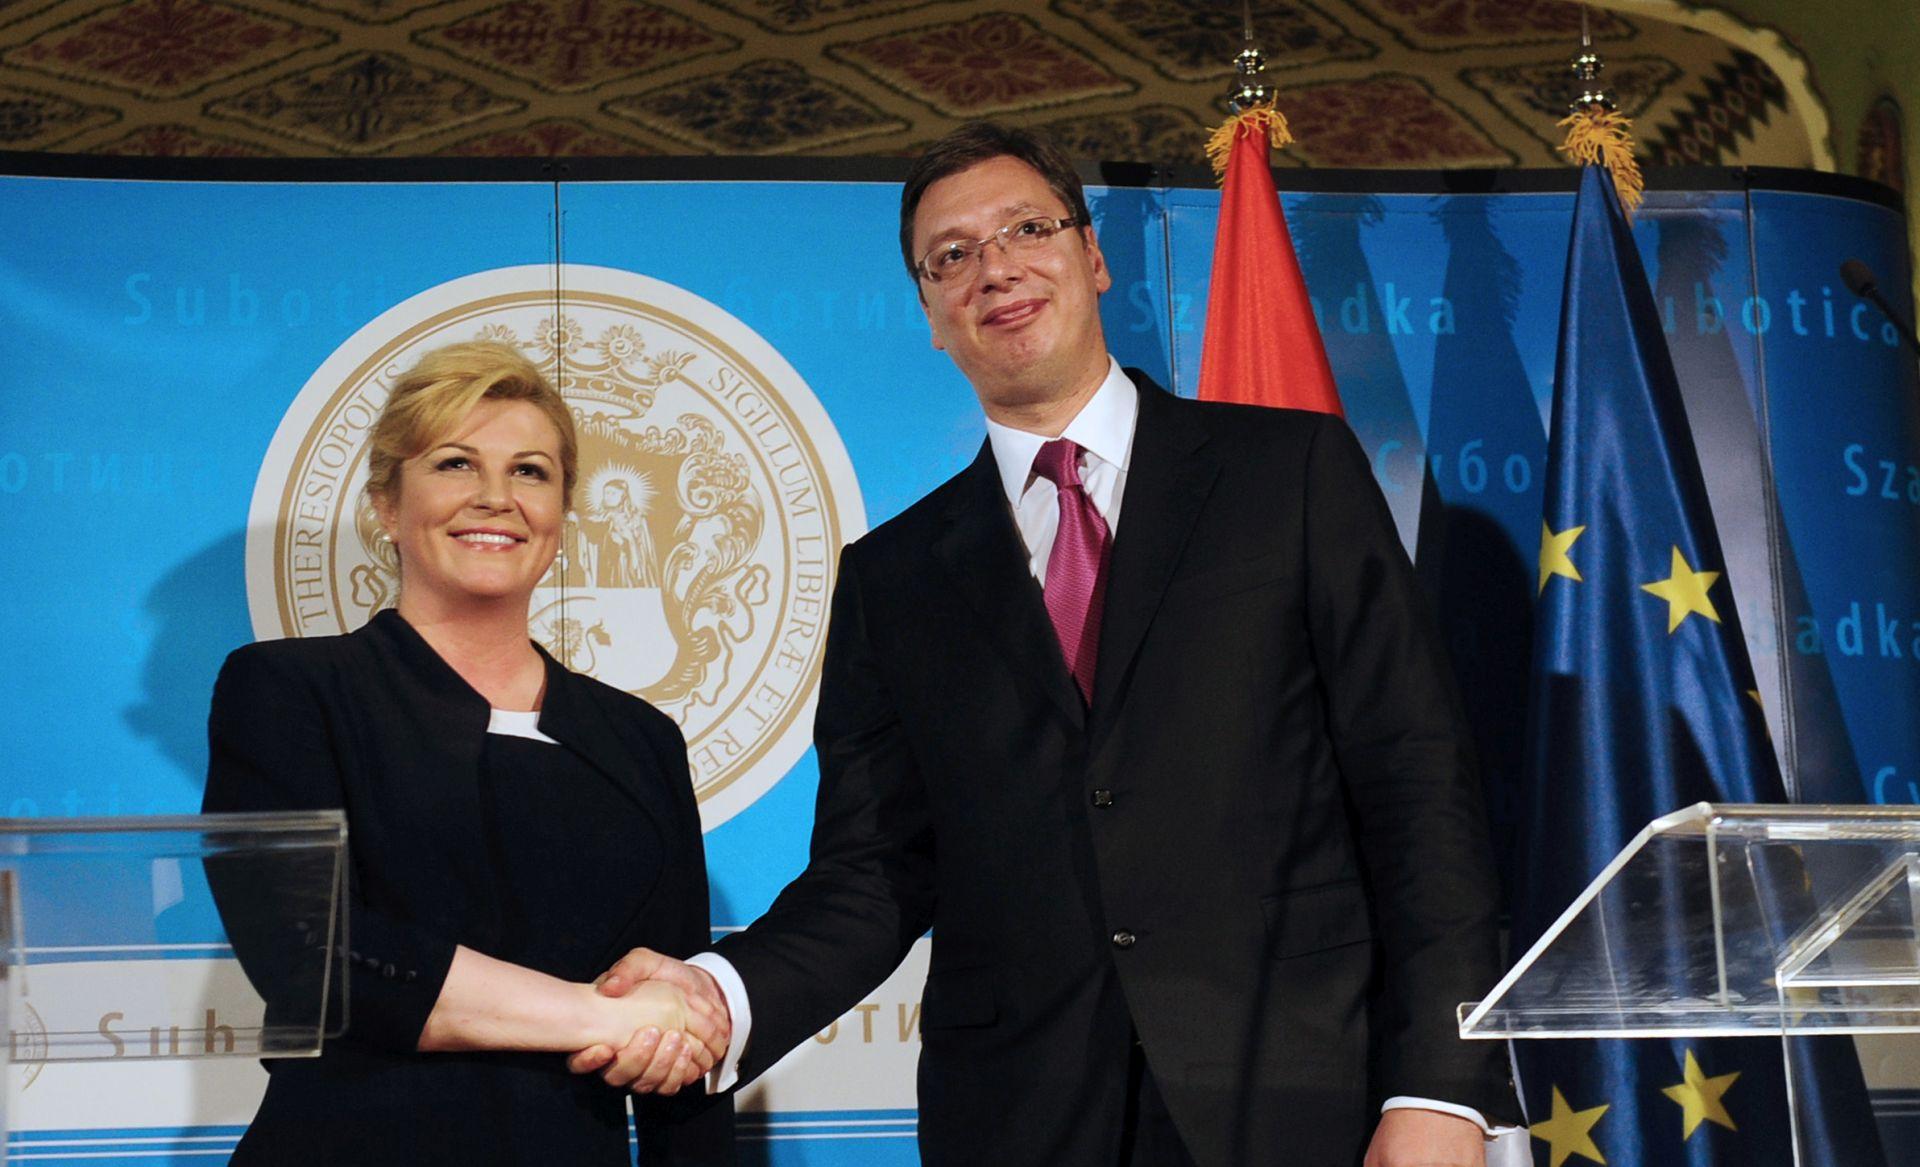 SRBIJA OGORČENA: Skoro nikakvi izgledi se ovoga tjedna otvori poglavlja 23 i 24 pregovora s EU